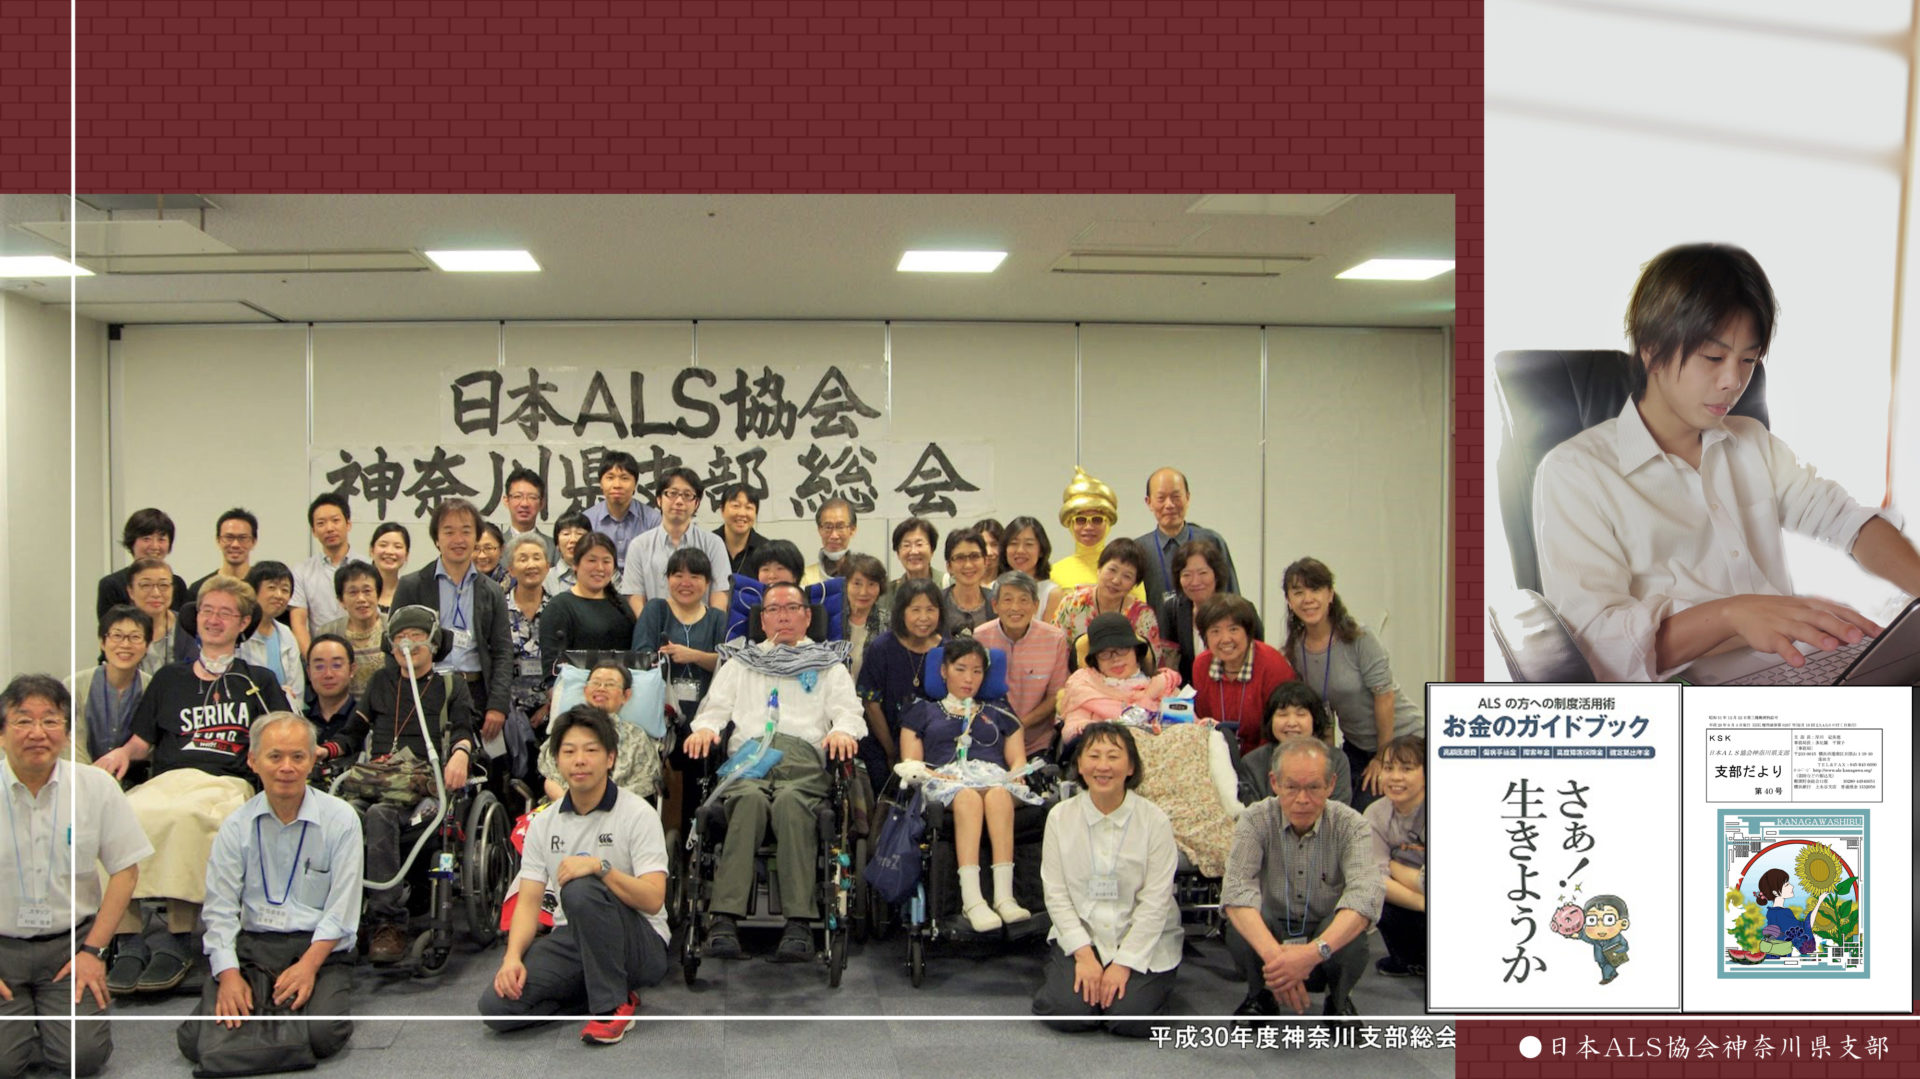 難病ALSの根治まで、日本ALS協会神奈川県支部とリンクし、様々なご支援を賜っています